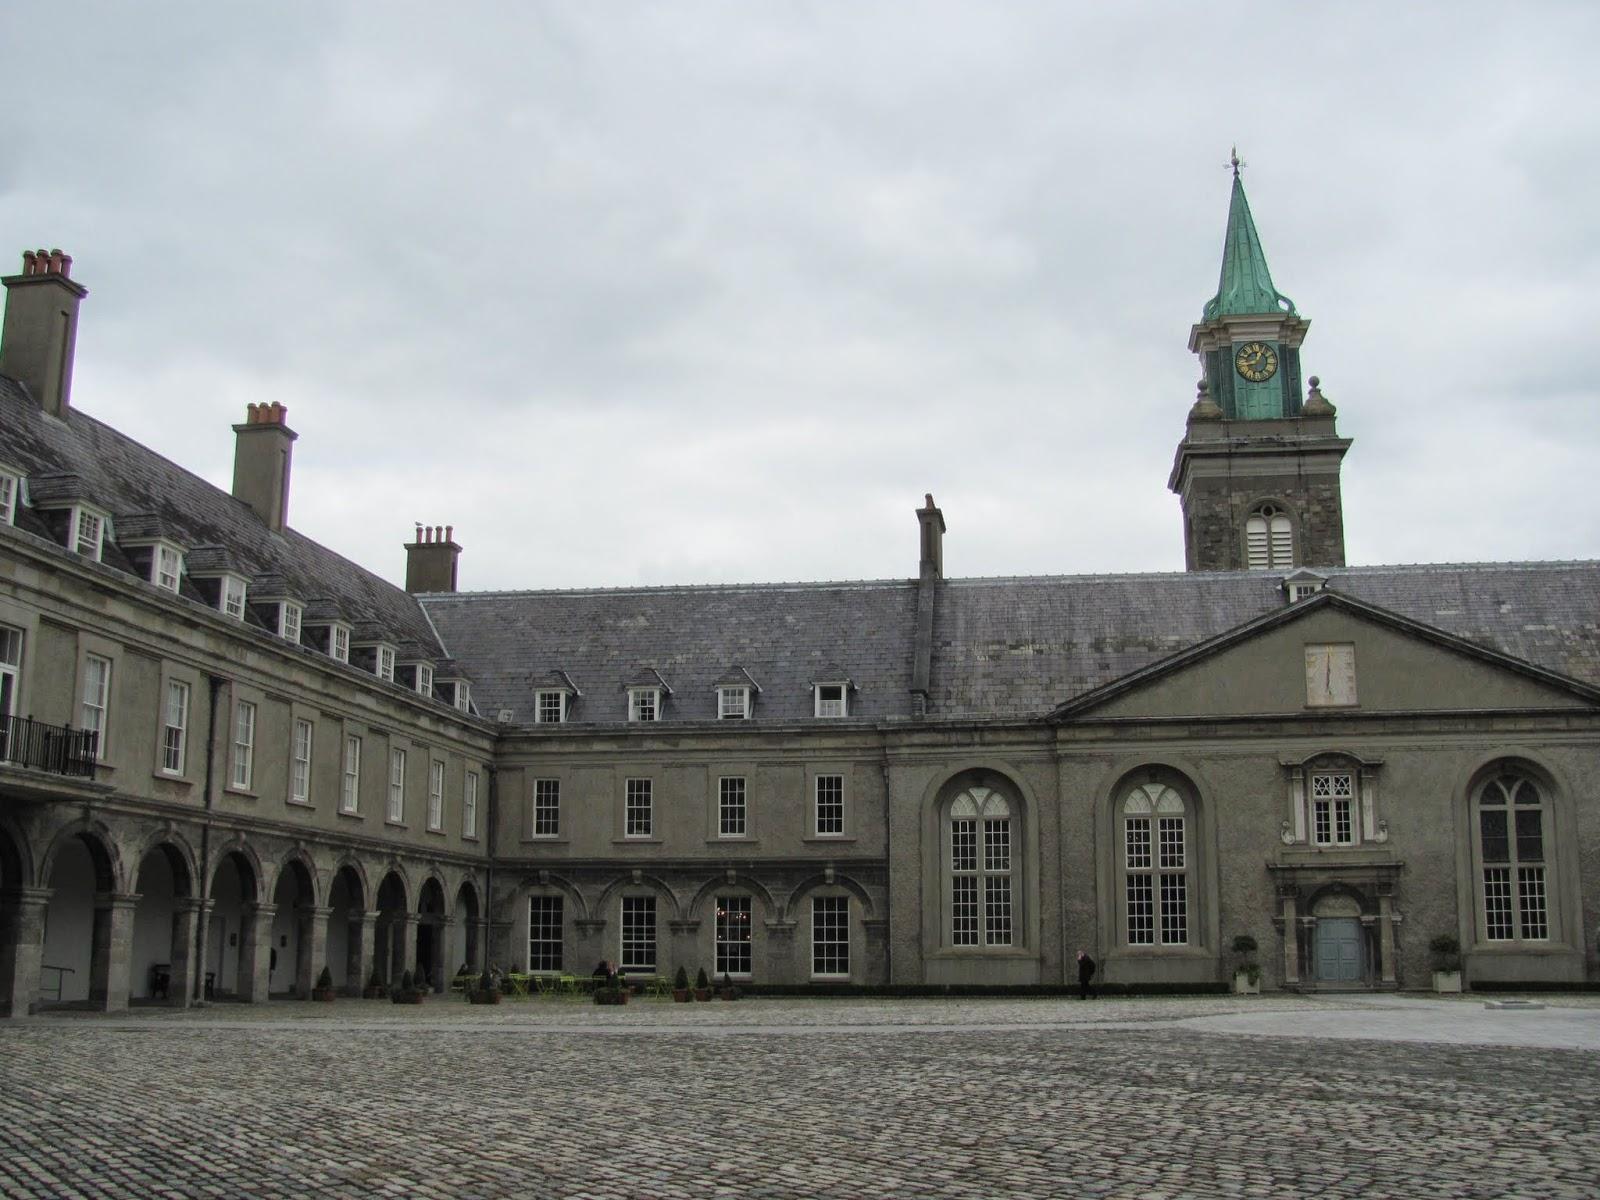 Royal Hospital Kilmainham Inner Courtyard Kilmainham Dublin, Ireland